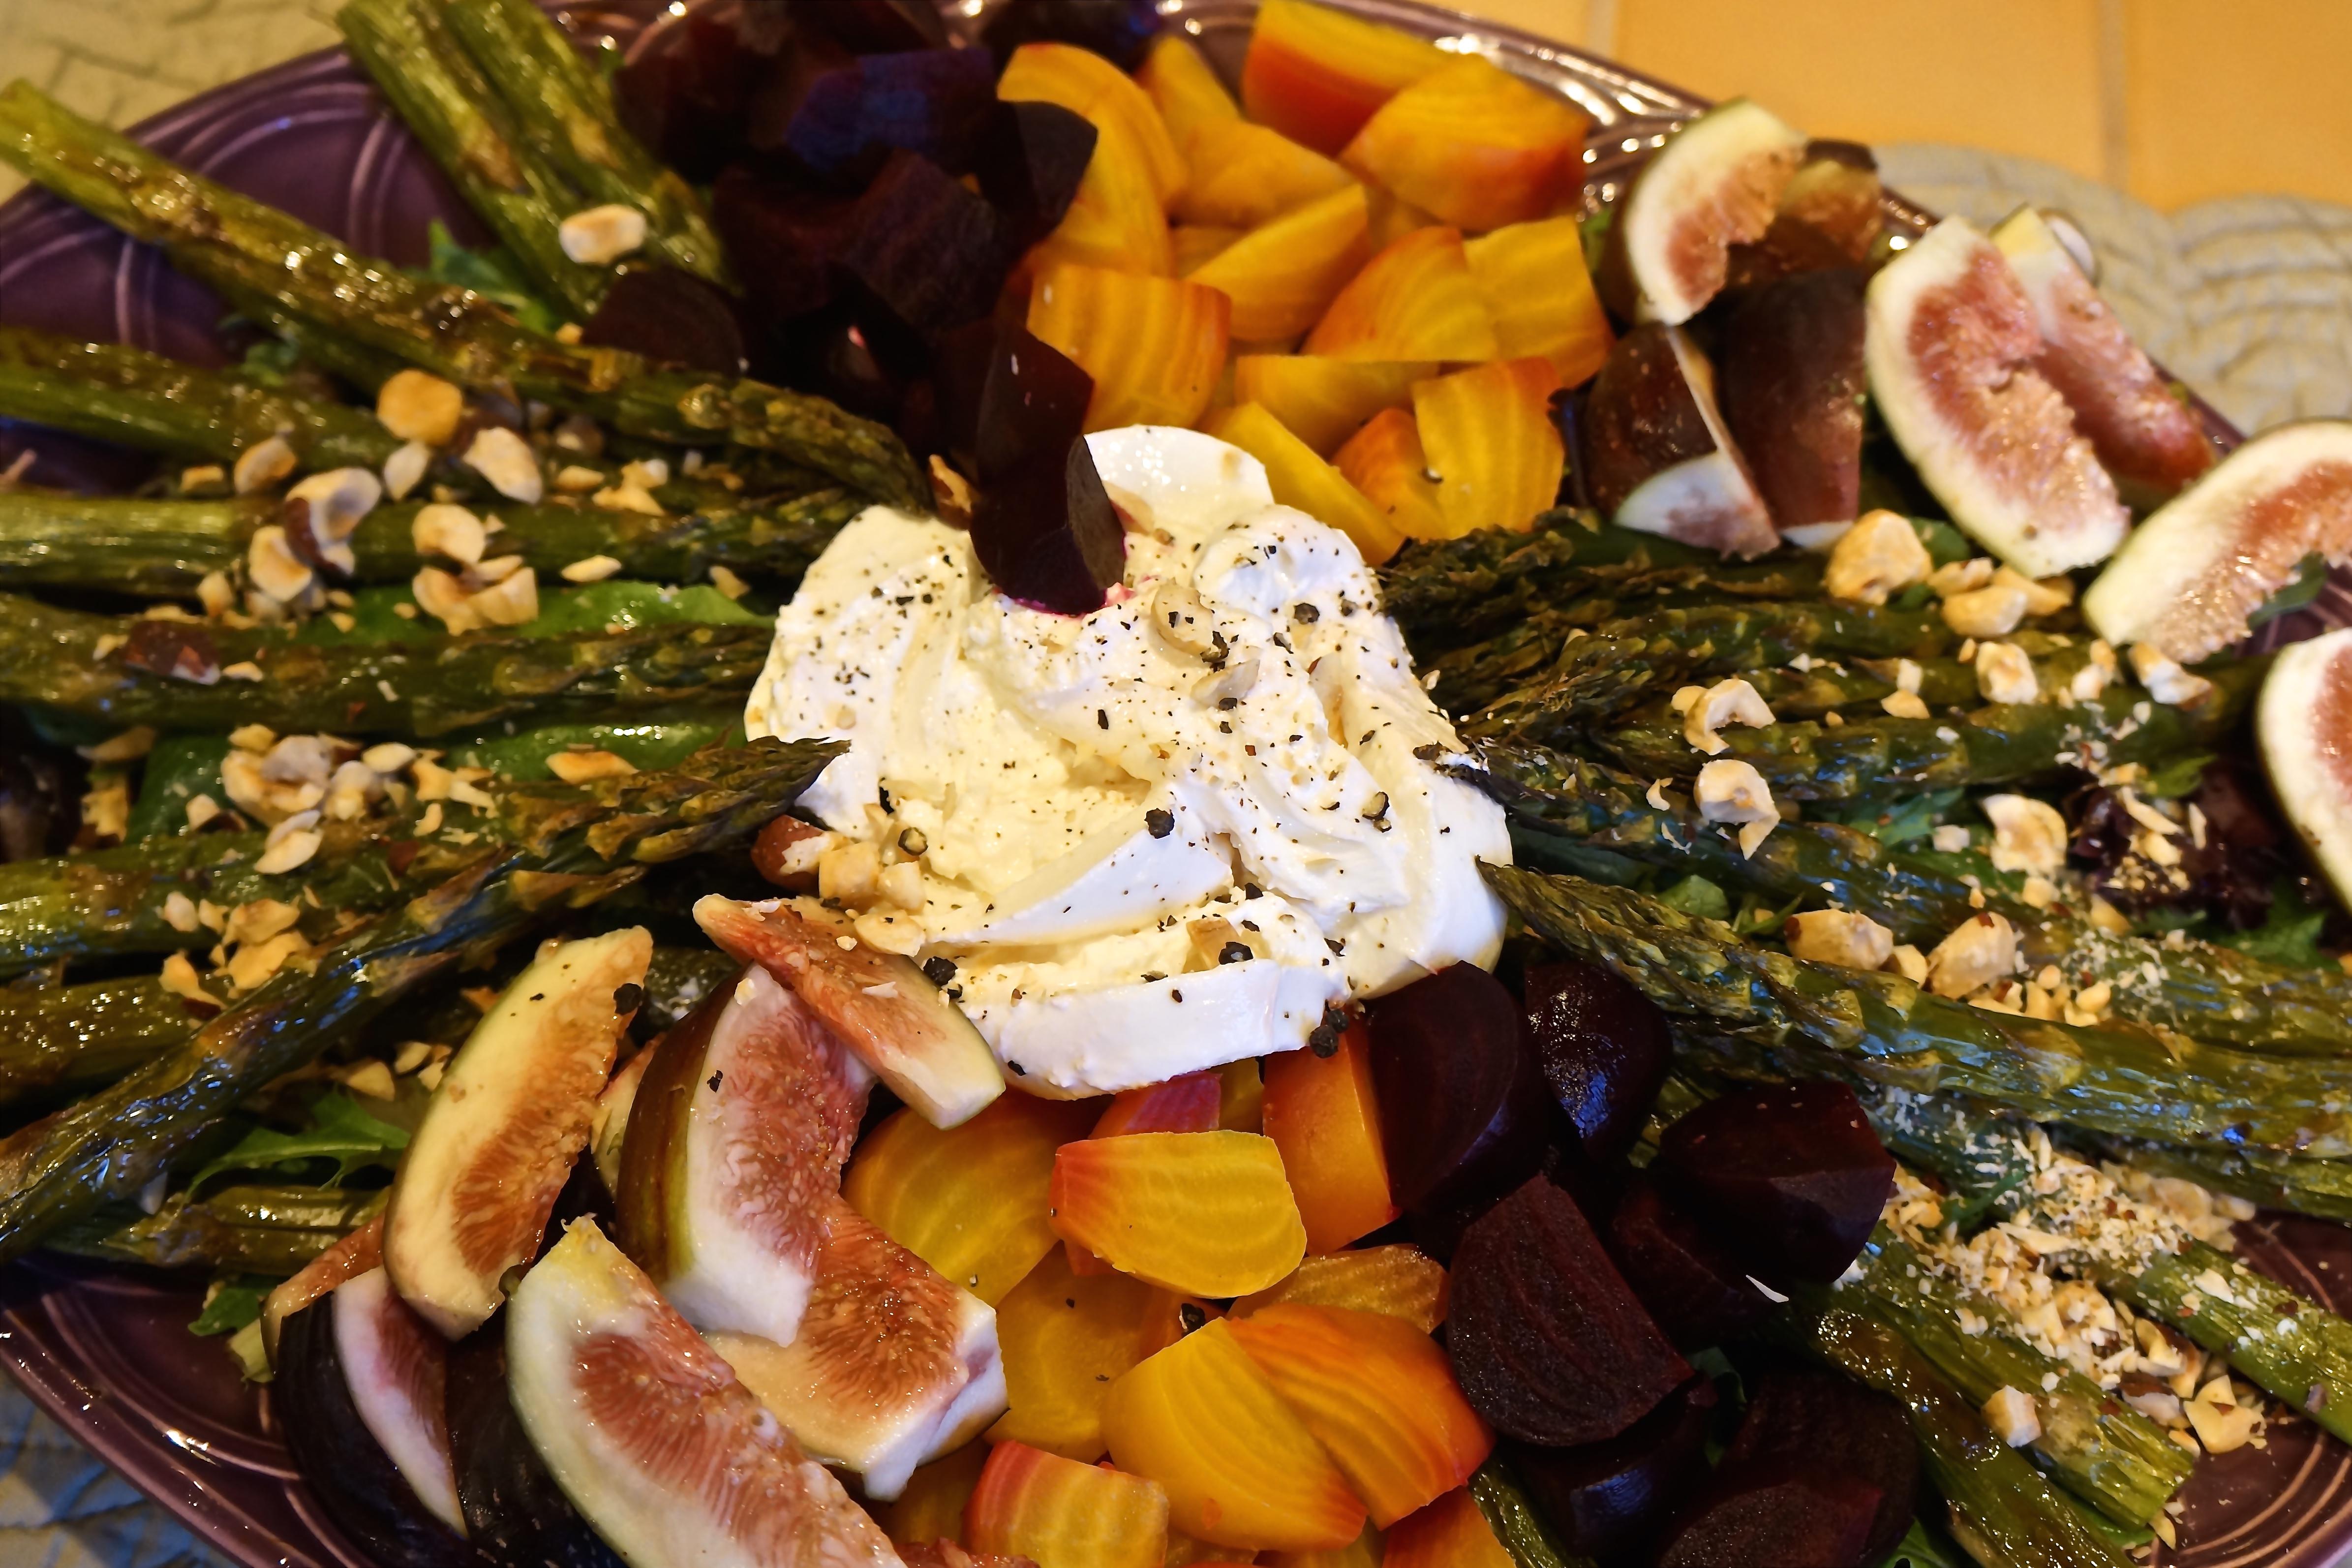 Roasted Vegetable Salad with Hazelnut Vinaigrette.